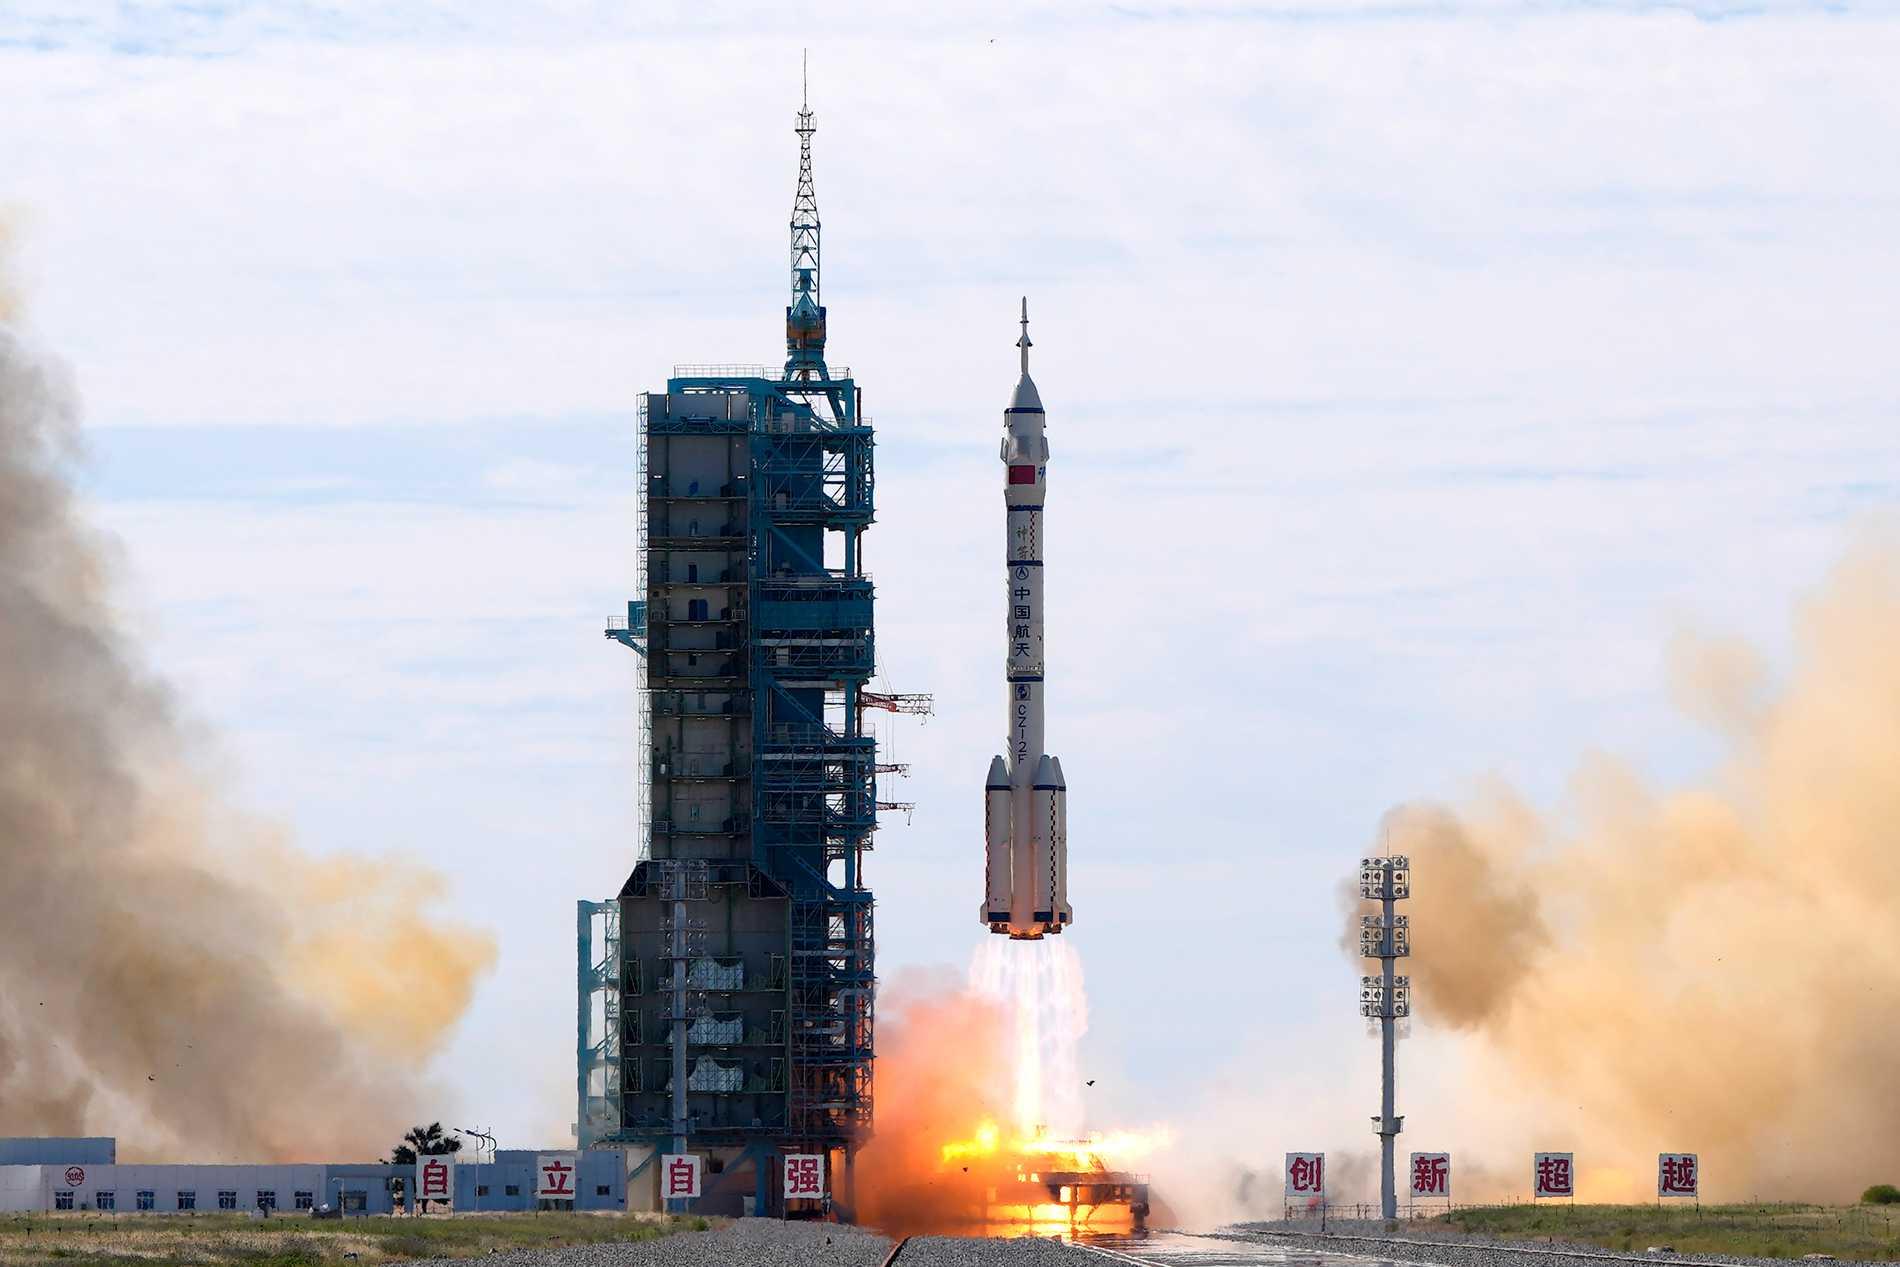 Raketen lämnar sin avfyrningsramp på väg upp mot rymden.